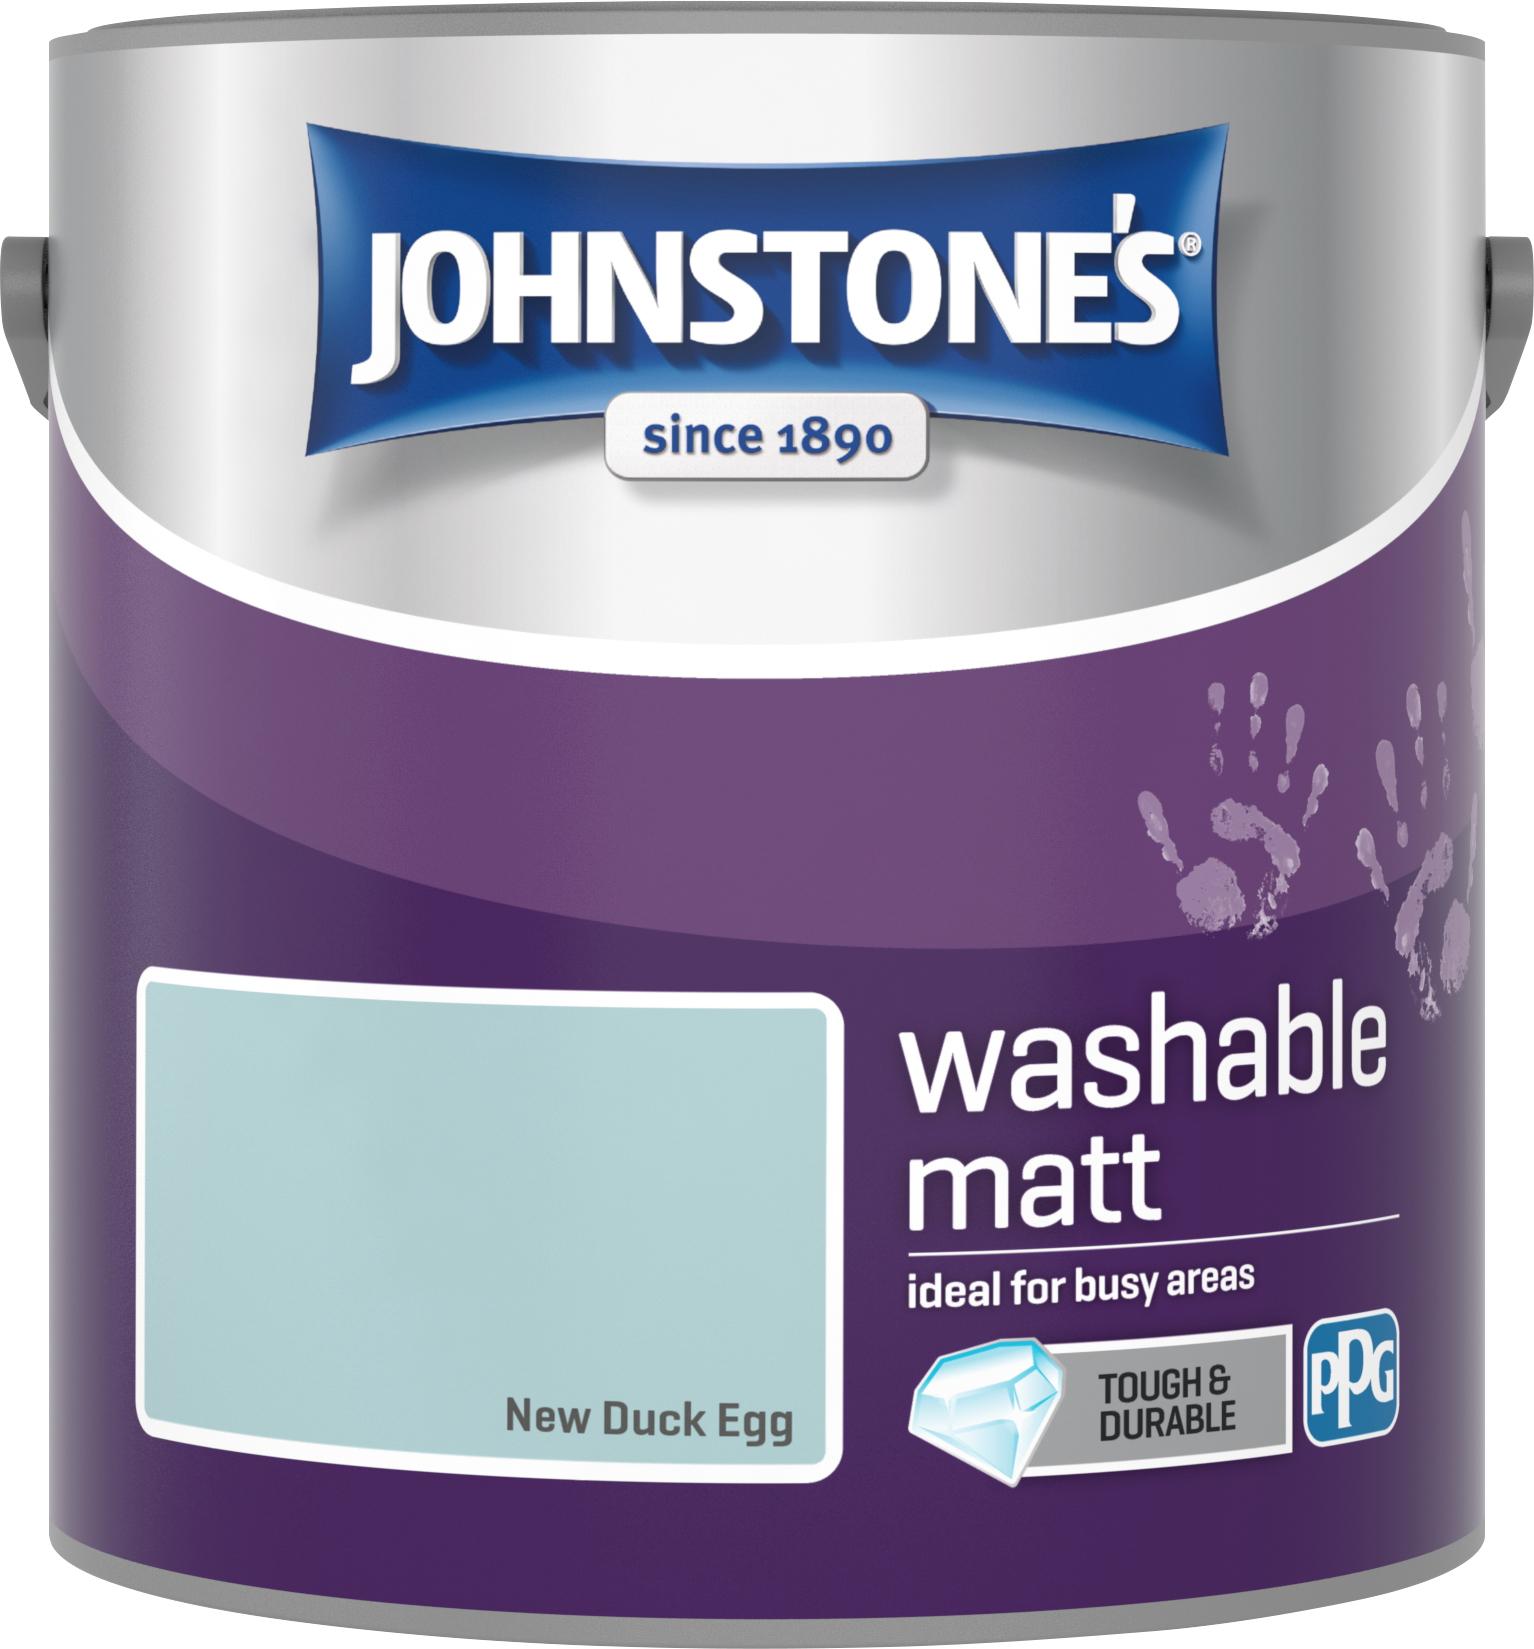 Johnstone's 2.5 Litre Washable Matt Emulsion Paint - New Duck Egg